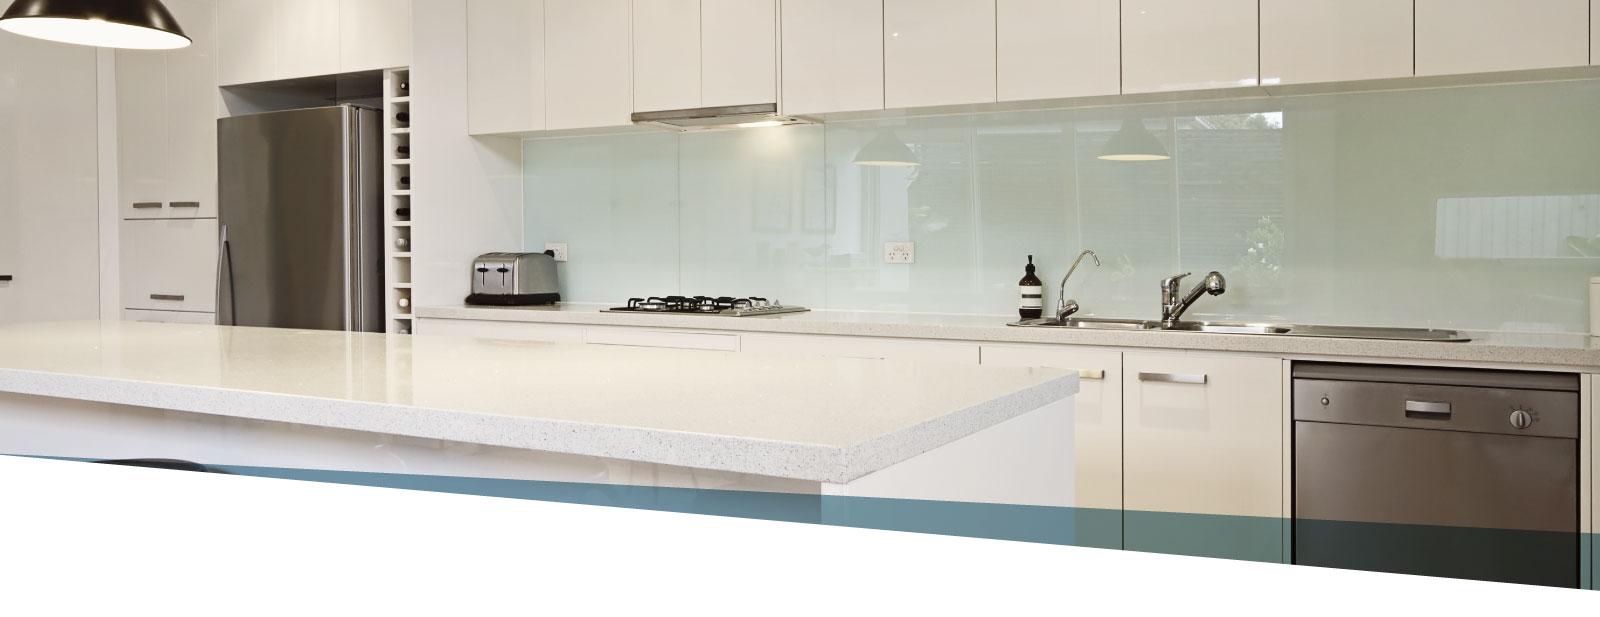 Pannelli retro cucina in vetro terminali antivento per for Pannelli retro cucina ikea